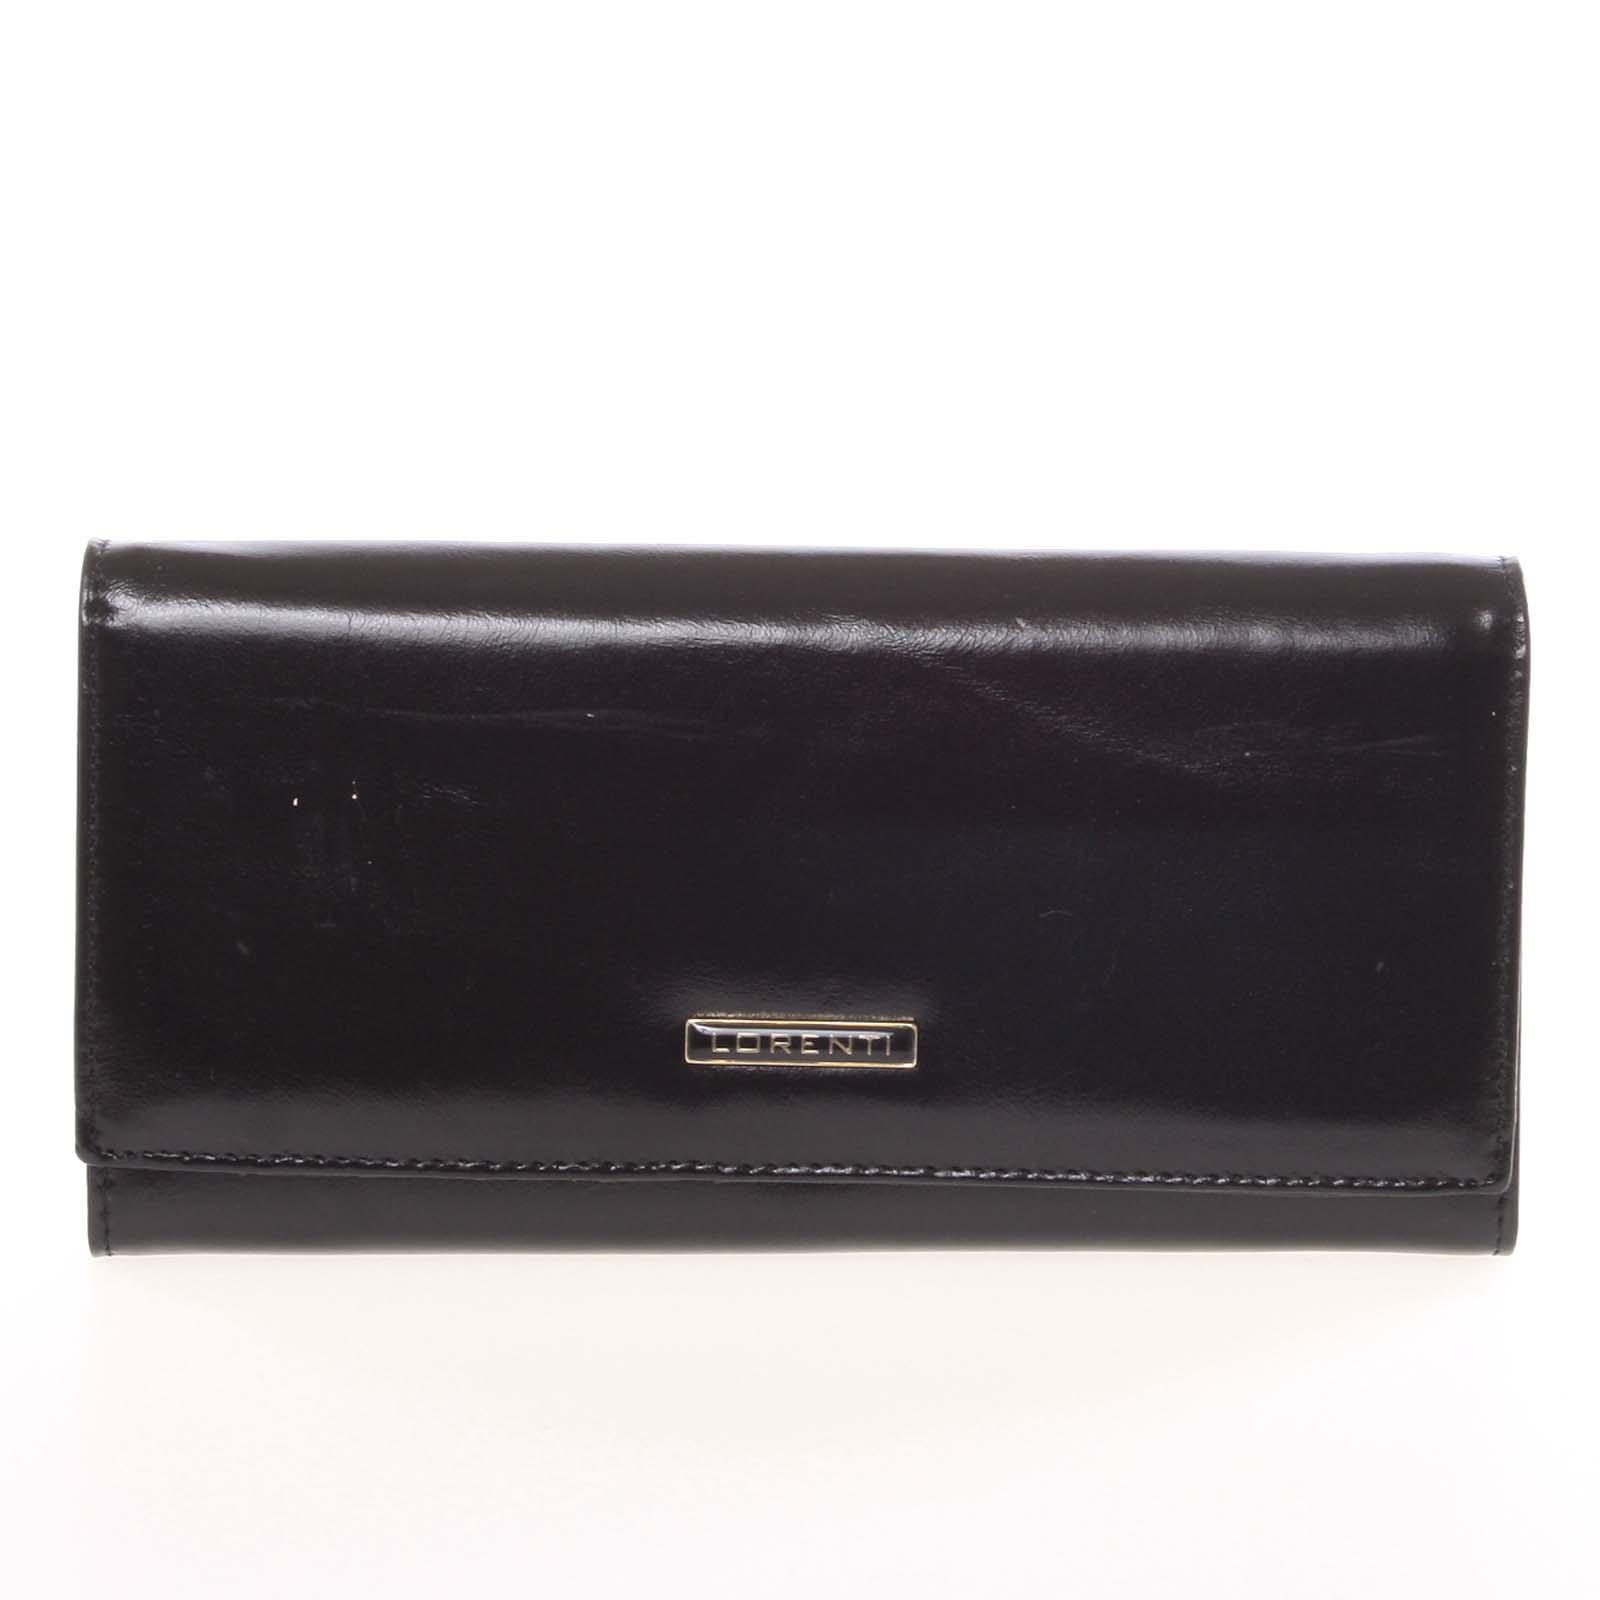 Luxusní hladká kožená černá peněženka - Lorenti 2401N